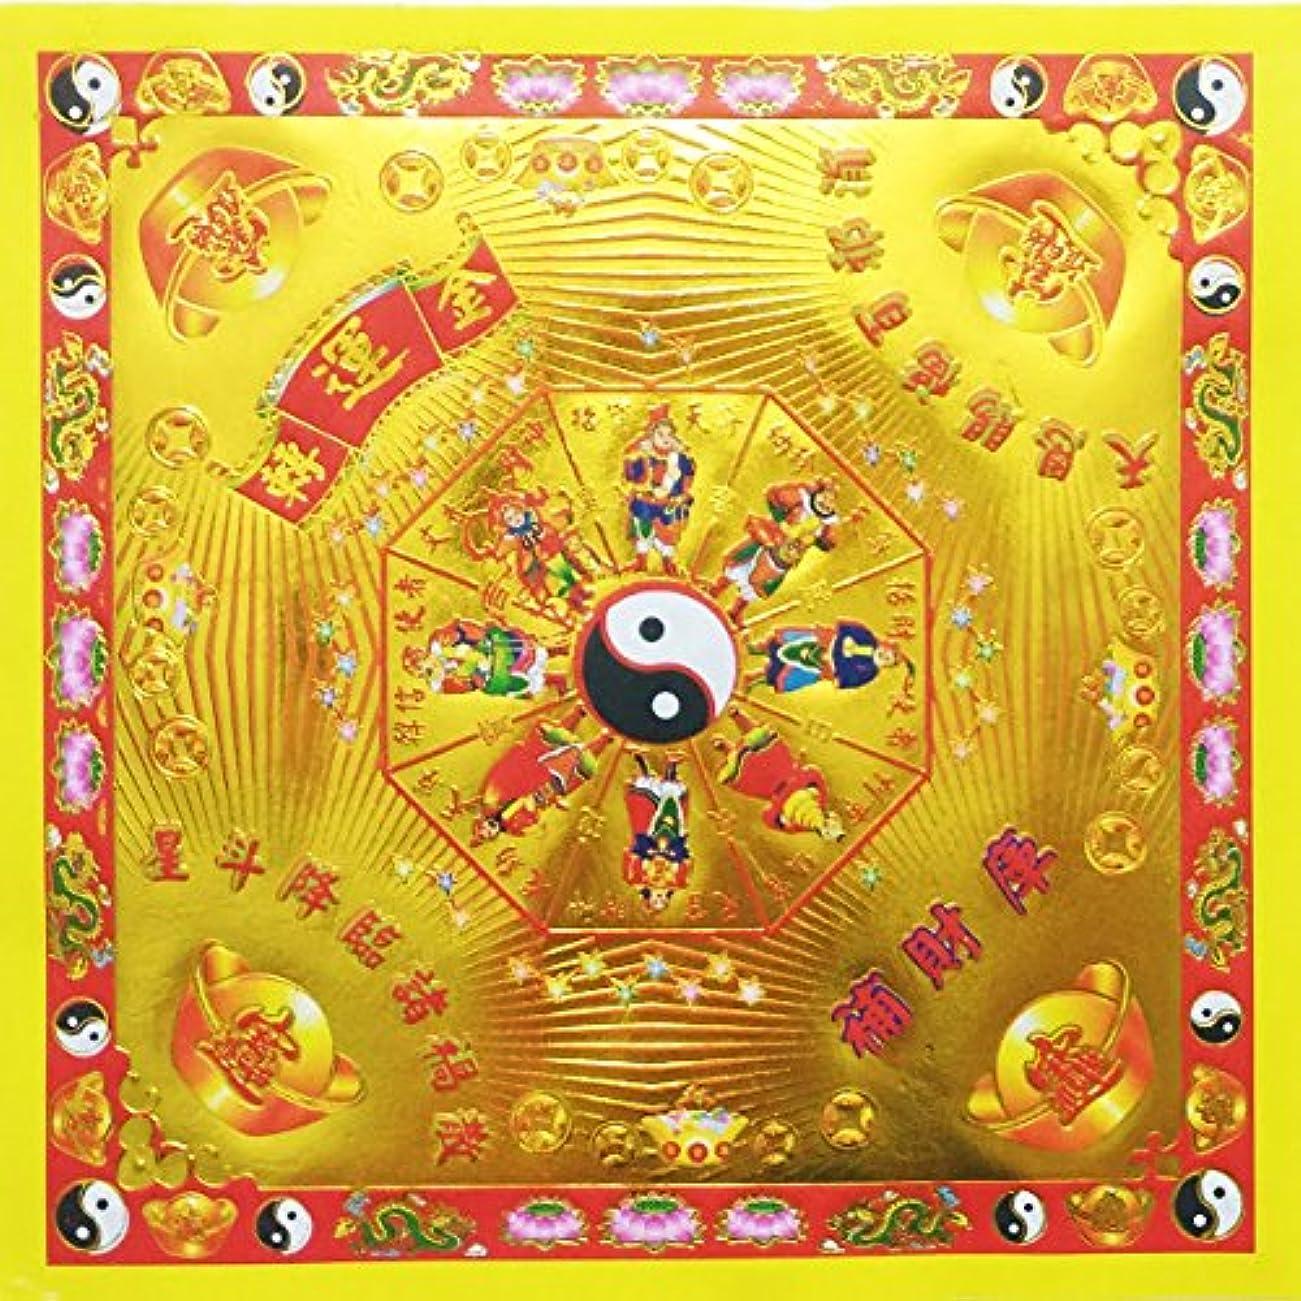 十分にピストンにもかかわらず60pcs Incense用紙/Joss用紙yellow-goldSサイズの祖先Praying 7.7インチx 7.7インチ